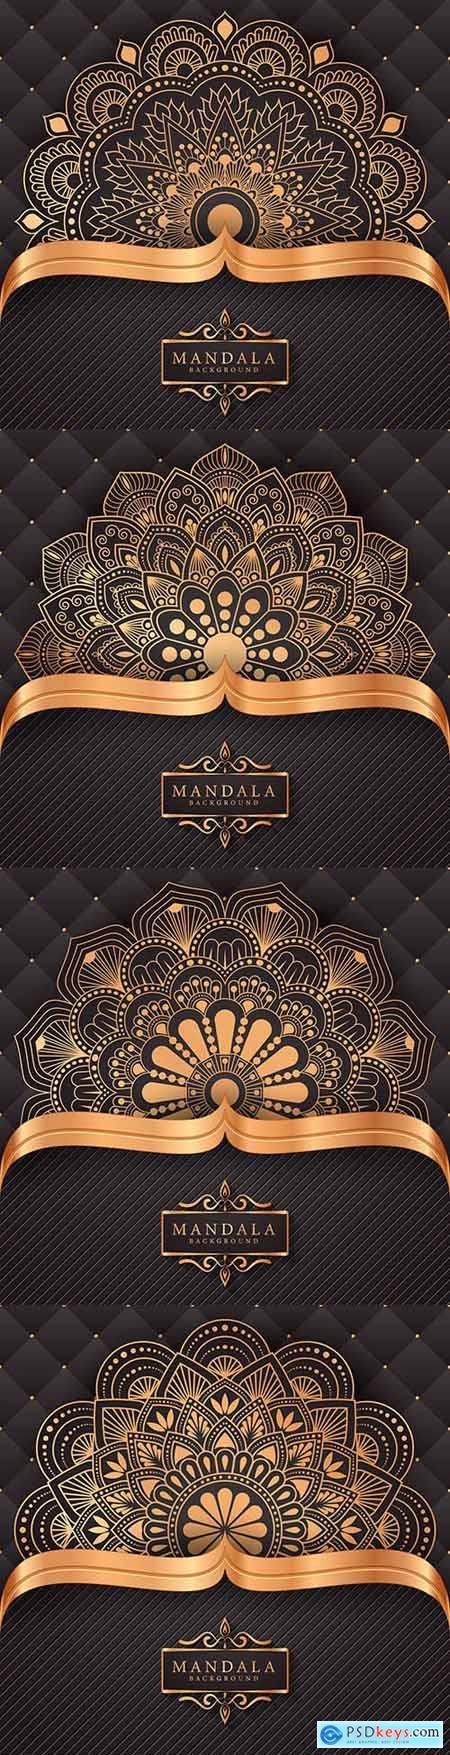 Mandala luxury gold decorative background 2